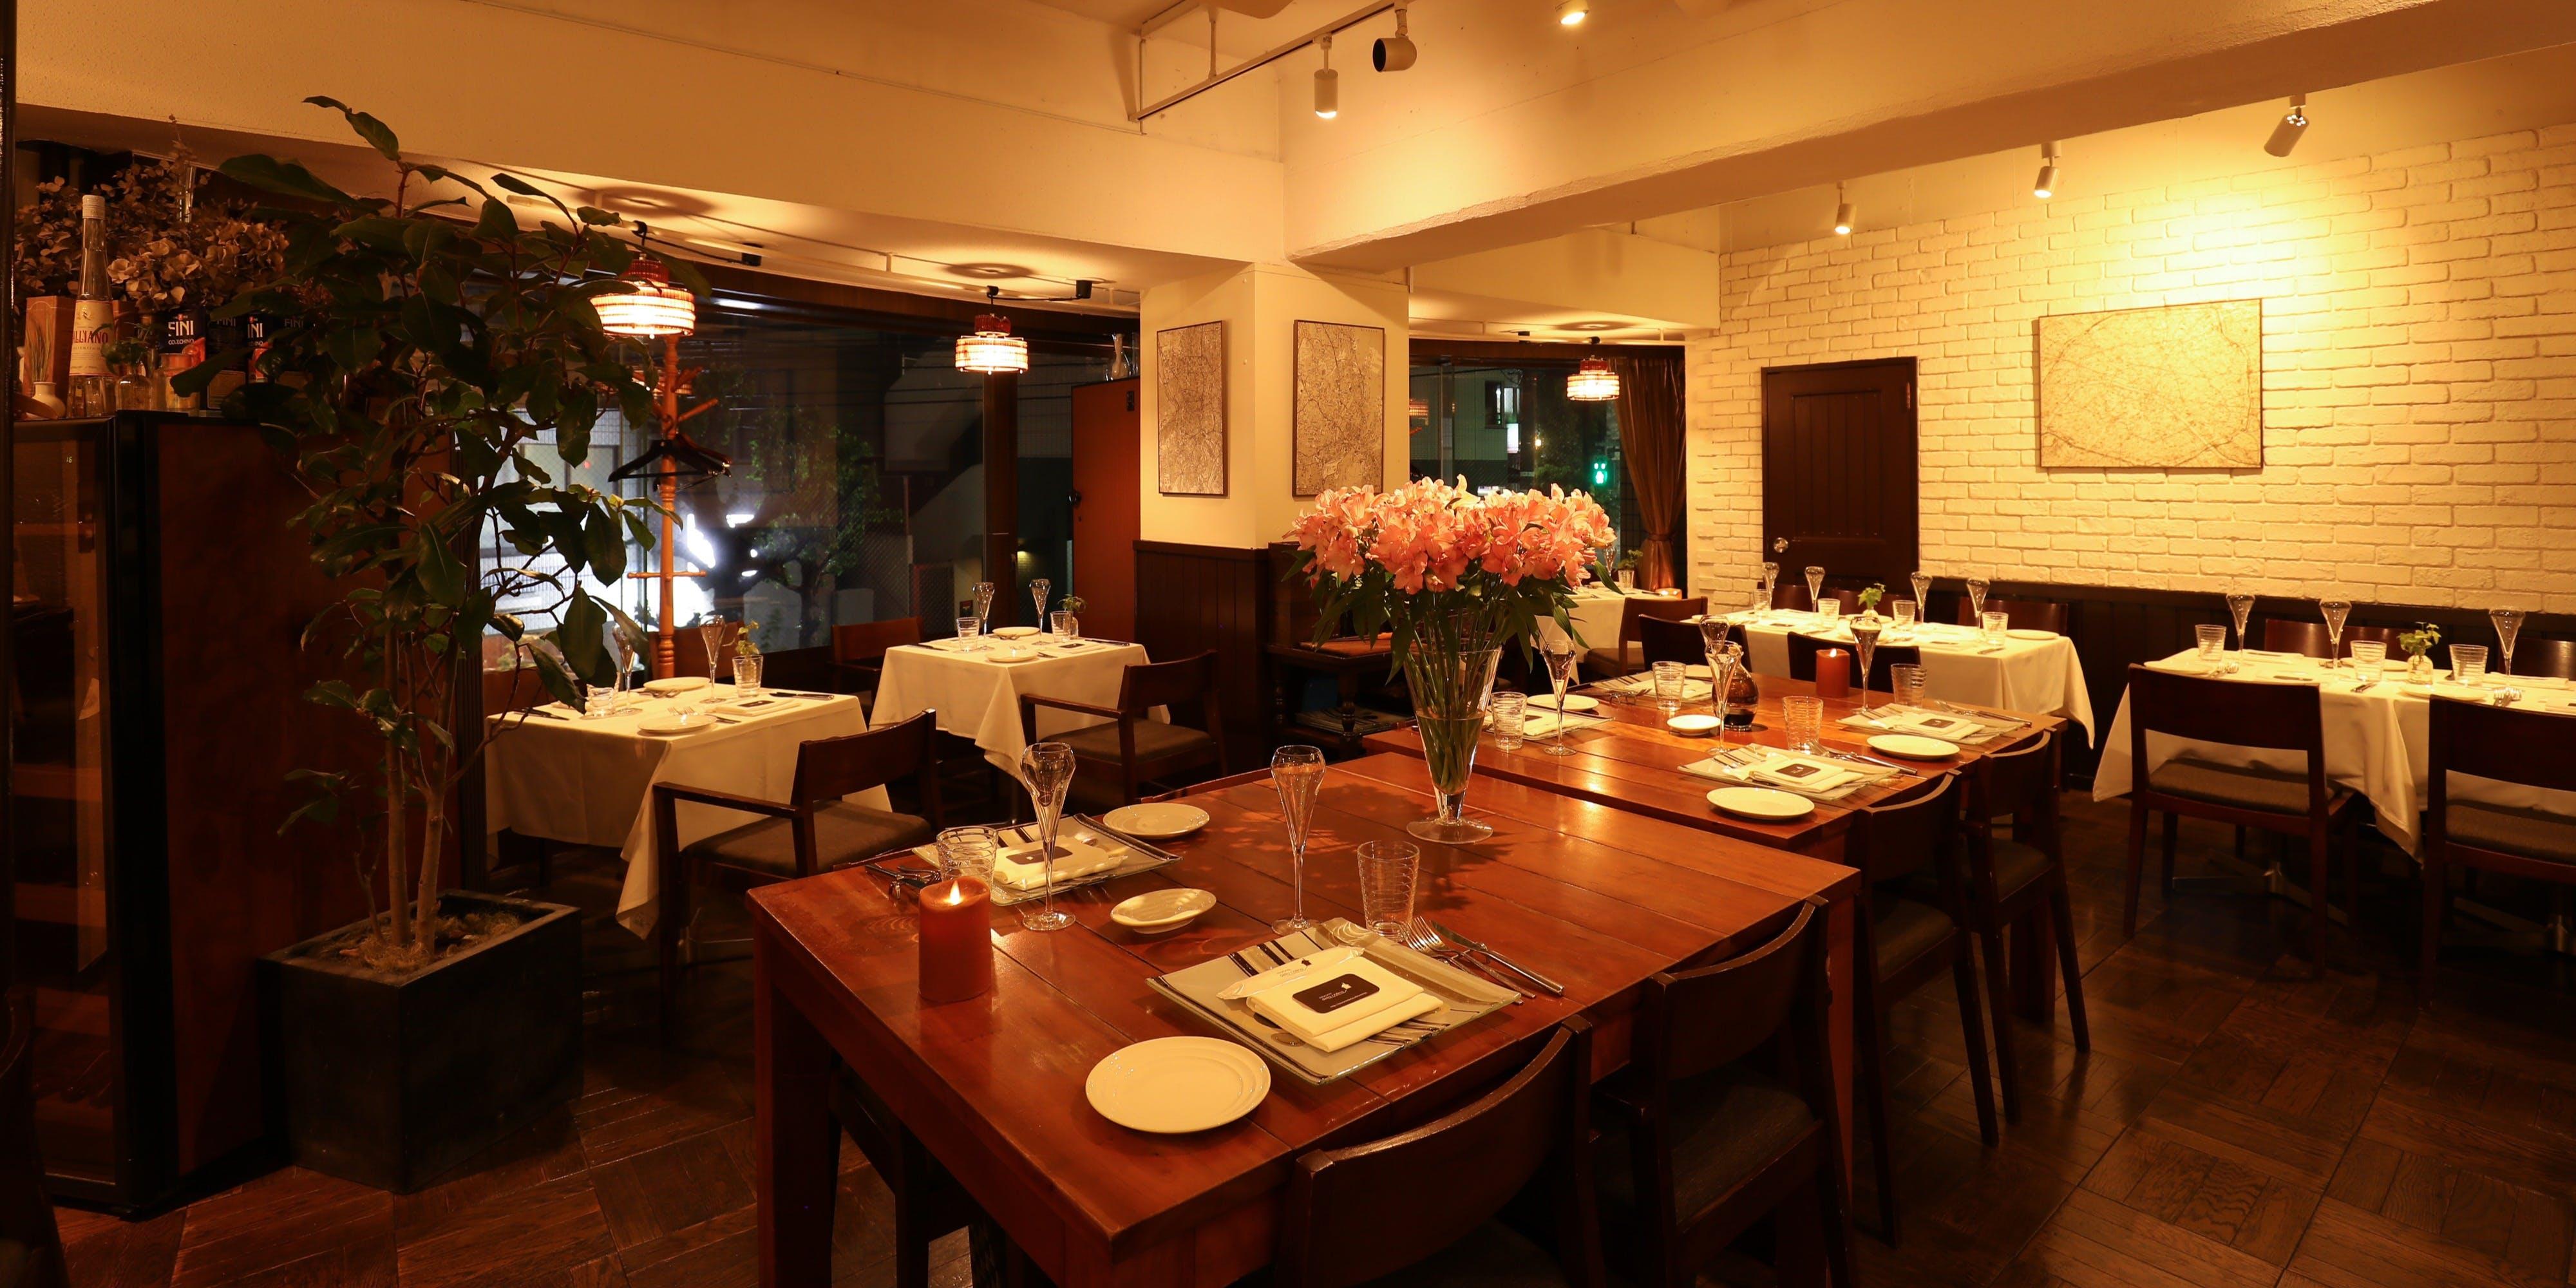 記念日におすすめのレストラン・リストランテ デッラ コリーナの写真1